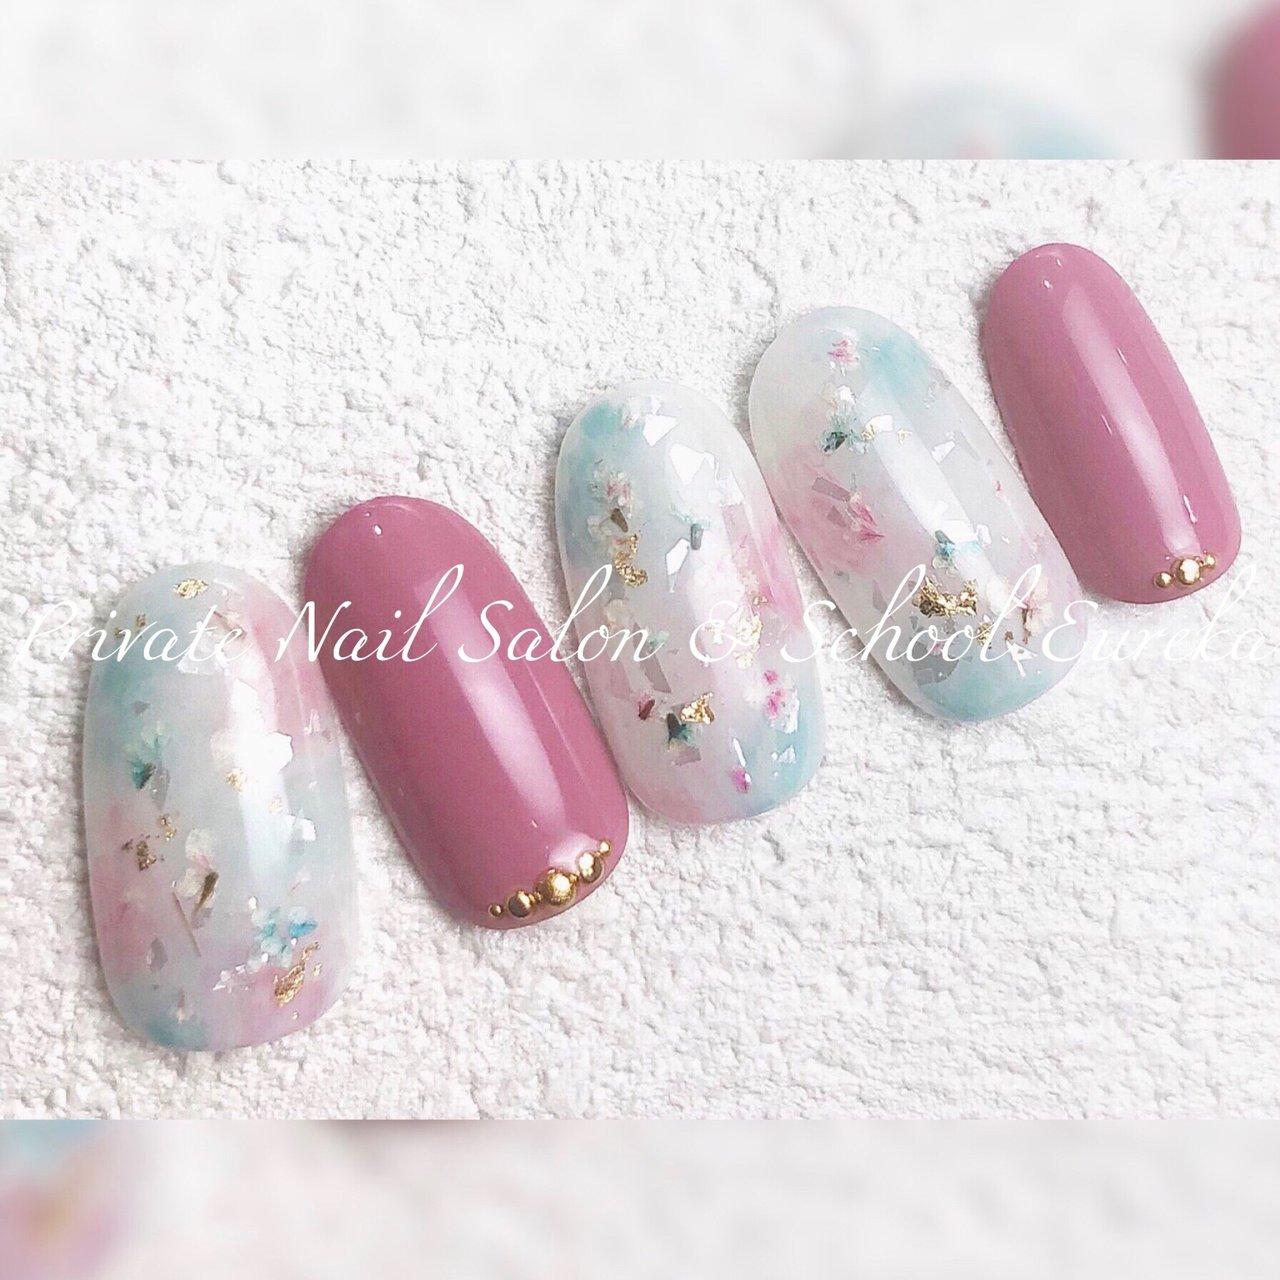 桜のイメージで🌸✨  花びらがふんわり、ひらひら🌸🌸 こだわりの押し花を使用しています🥰  お色の変更やアートの追加も可能です🌟  やりたいデザインが決まっていなくても大丈夫🙆♀️ ふわっと、やんわり(笑)、伝えてください💡  【Eureka/ユーレカ】では 丁寧なカウンセリングでおひとりおひとり しっかりと希望を伺いながら お客様だけのデザインにお仕立てします🌹💕   ♡*・゜゚・*:.。..。.:*・'♡☺︎♡'・*:.。. .。.:*・゜゚・*♡ 💍eurekanailサロン&スクール 池袋西武東口より徒歩5分  健康な爪を育み 爪を傷めない #ジェルネイル  #フィルイン推奨サロン ✨  💅ネイルブックで即時予約OK ♡*・゜゚・*:.。..。.:*・'♡☺︎♡'・*:.。. .。.:*・゜゚・*♡  #KOKOIST  #ココイスト  #fillin  #フィルイン  #フィルイン推奨サロン  #maogel導入サロン池袋  #ココイストディプロマセミナー #ココイストマスターエデュケーター  #ネイル  #大人上品ネイル  #大人のネイルサロン  #池袋ネイルサロン  #目白ネイルサロン  #雑司が谷ネイルサロン  #池袋ネイルスクール  #プライベートネイルサロンユーレカ #privatenailsaloneureka  #nailbook  #ネイルブック  #春  #春ネイル  #春ネイル2020  #押し花  #押し花ネイル  #ドライフラワー  #桜  #桜ネイル  #さくら  #さくらネイル  #ピンク  #大人可愛い  #大人上品ネイル #春 #卒業式 #入学式 #デート #ハンド #ワンカラー #タイダイ #押し花 #ミディアム #ホワイト #ピンク #パステル #ジェル #ネイルチップ #Seiko Furuya #ネイルブック